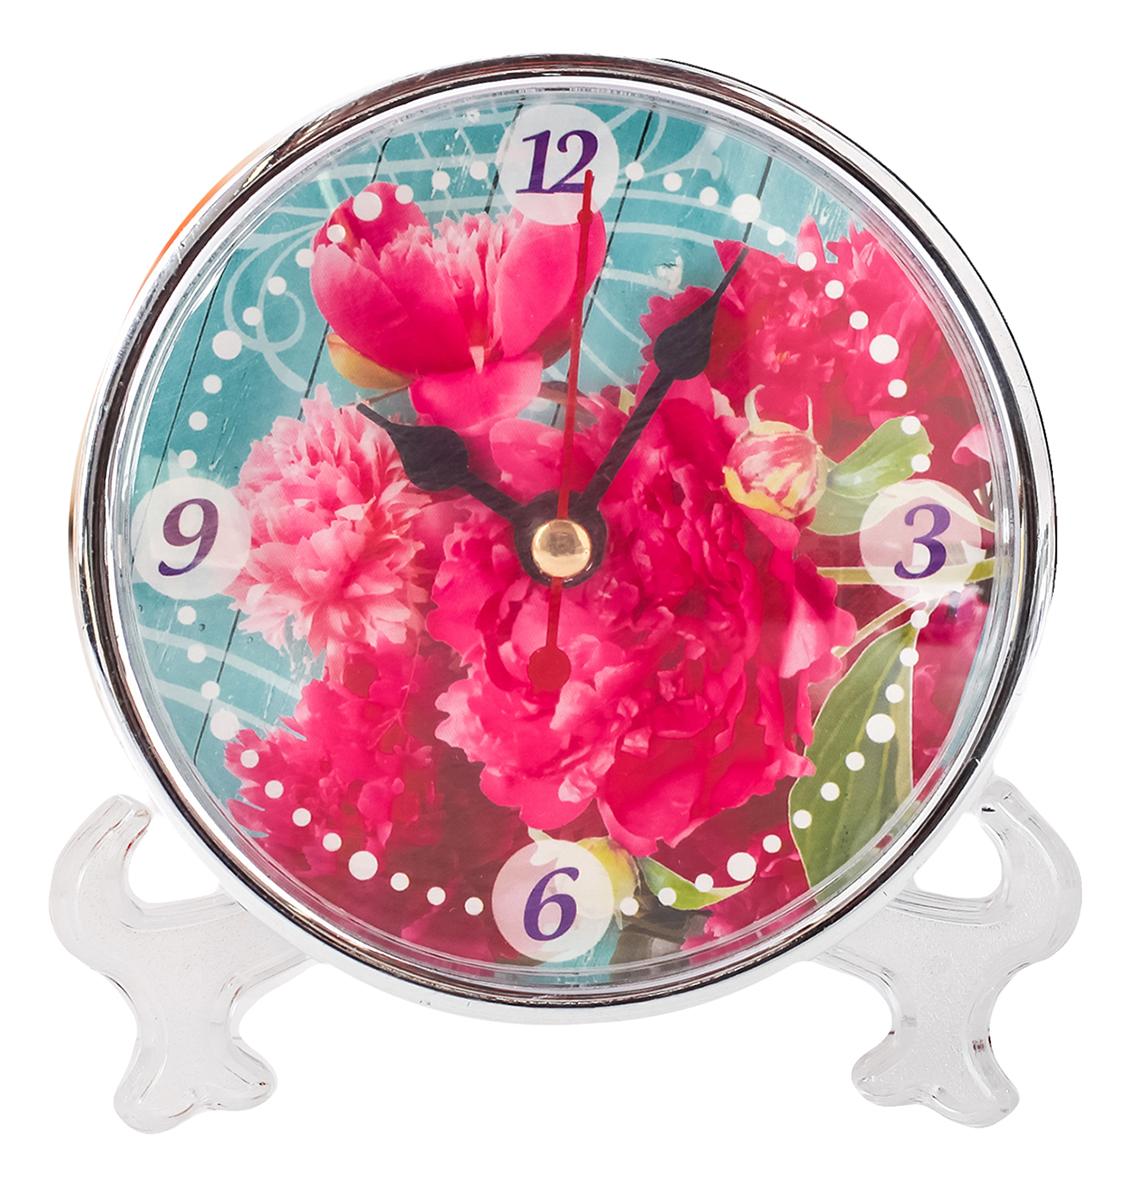 Часы настольные Пионы, 10 х 10 см. 21865802186580Каждому хозяину периодически приходит мысль обновить свою квартиру, сделать ремонт, перестановку или кардинально поменять внешний вид каждой комнаты. Часы настольные Пионы — привлекательная деталь, которая поможет воплотить вашу интерьерную идею, создать неповторимую атмосферу в вашем доме. Окружите себя приятными мелочами, пусть они радуют глаз и дарят гармонию.